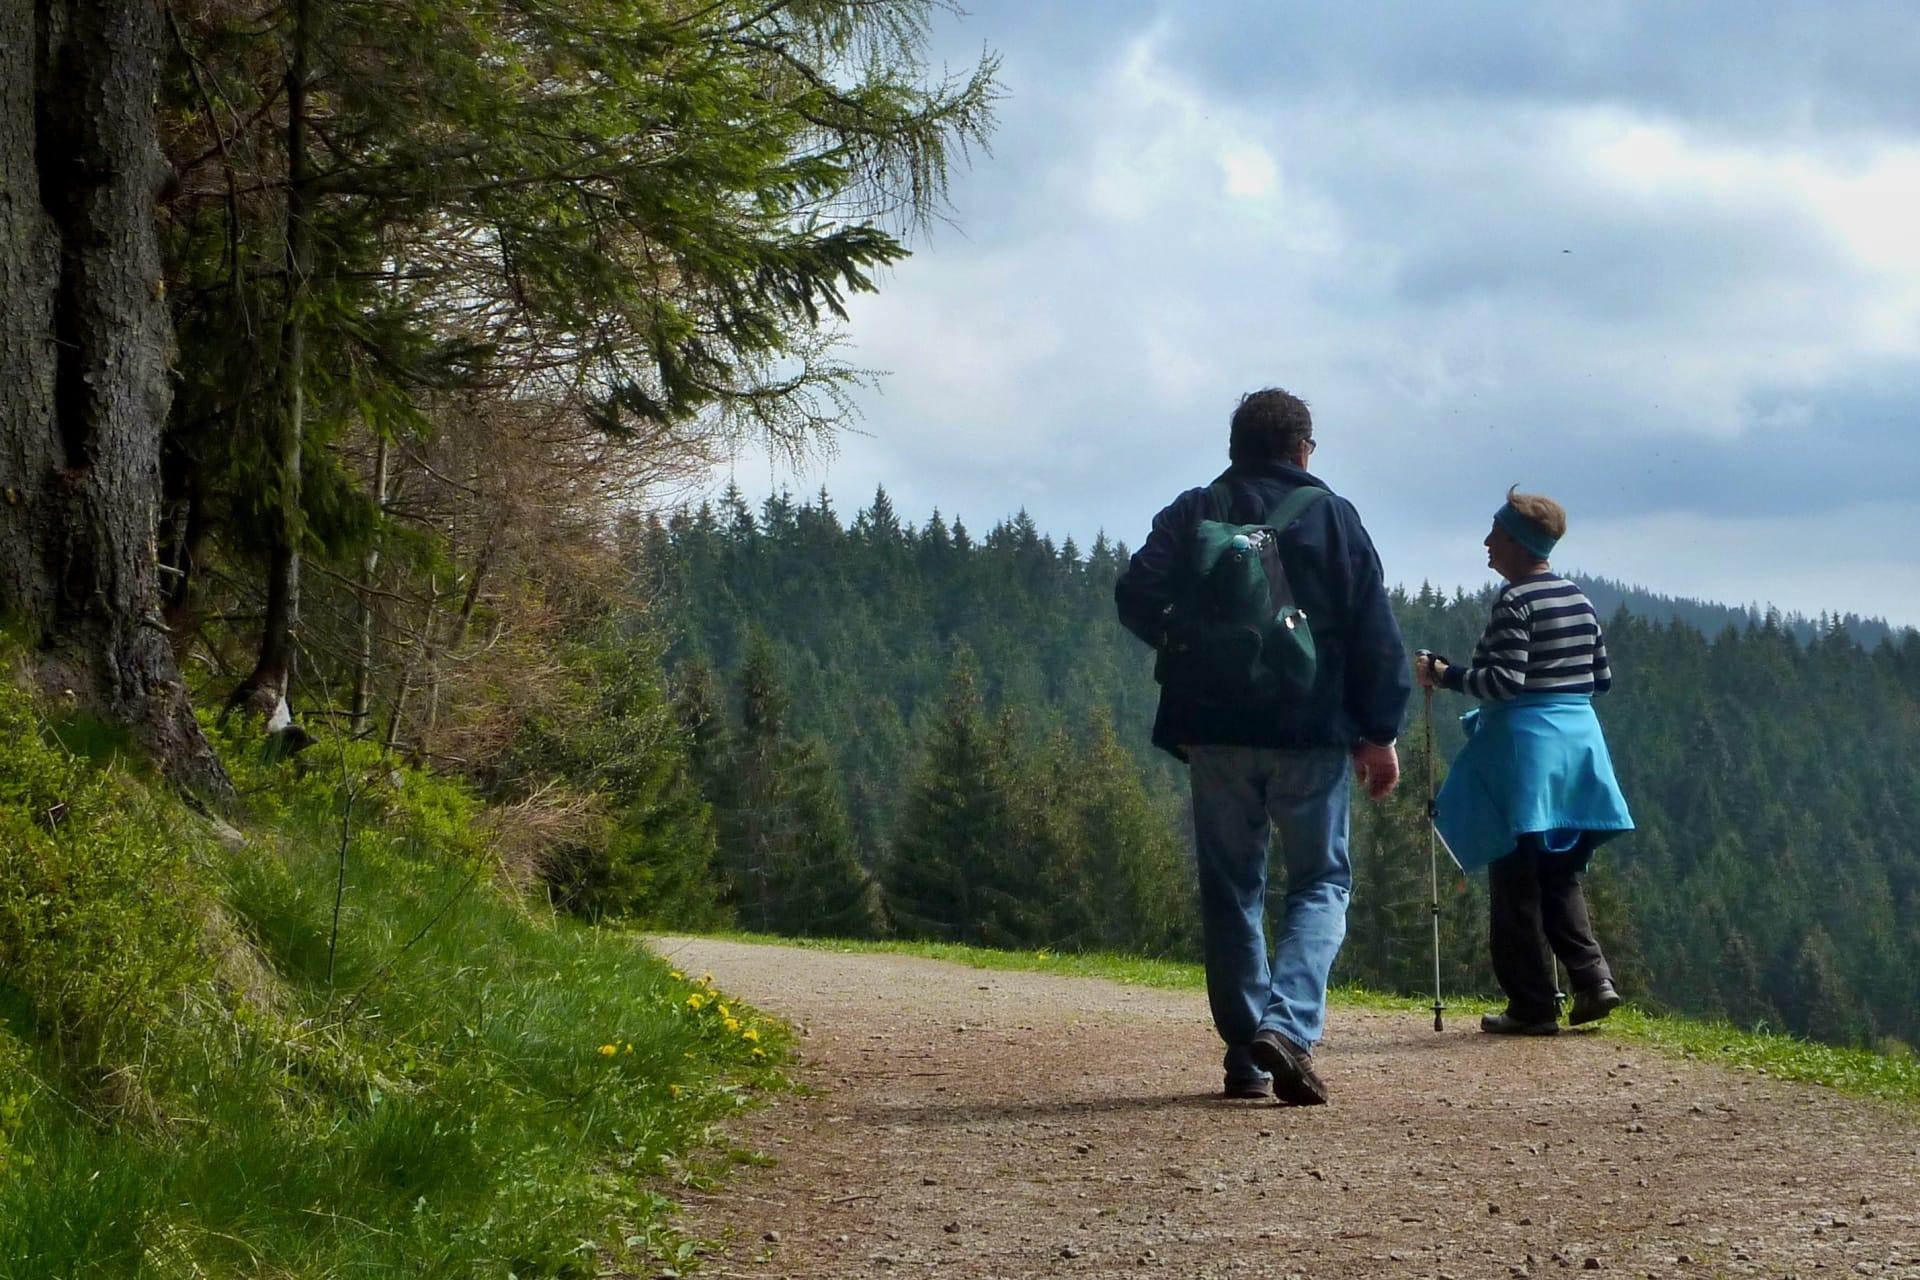 Malebná cesta krajem lesa s výhledem na hory